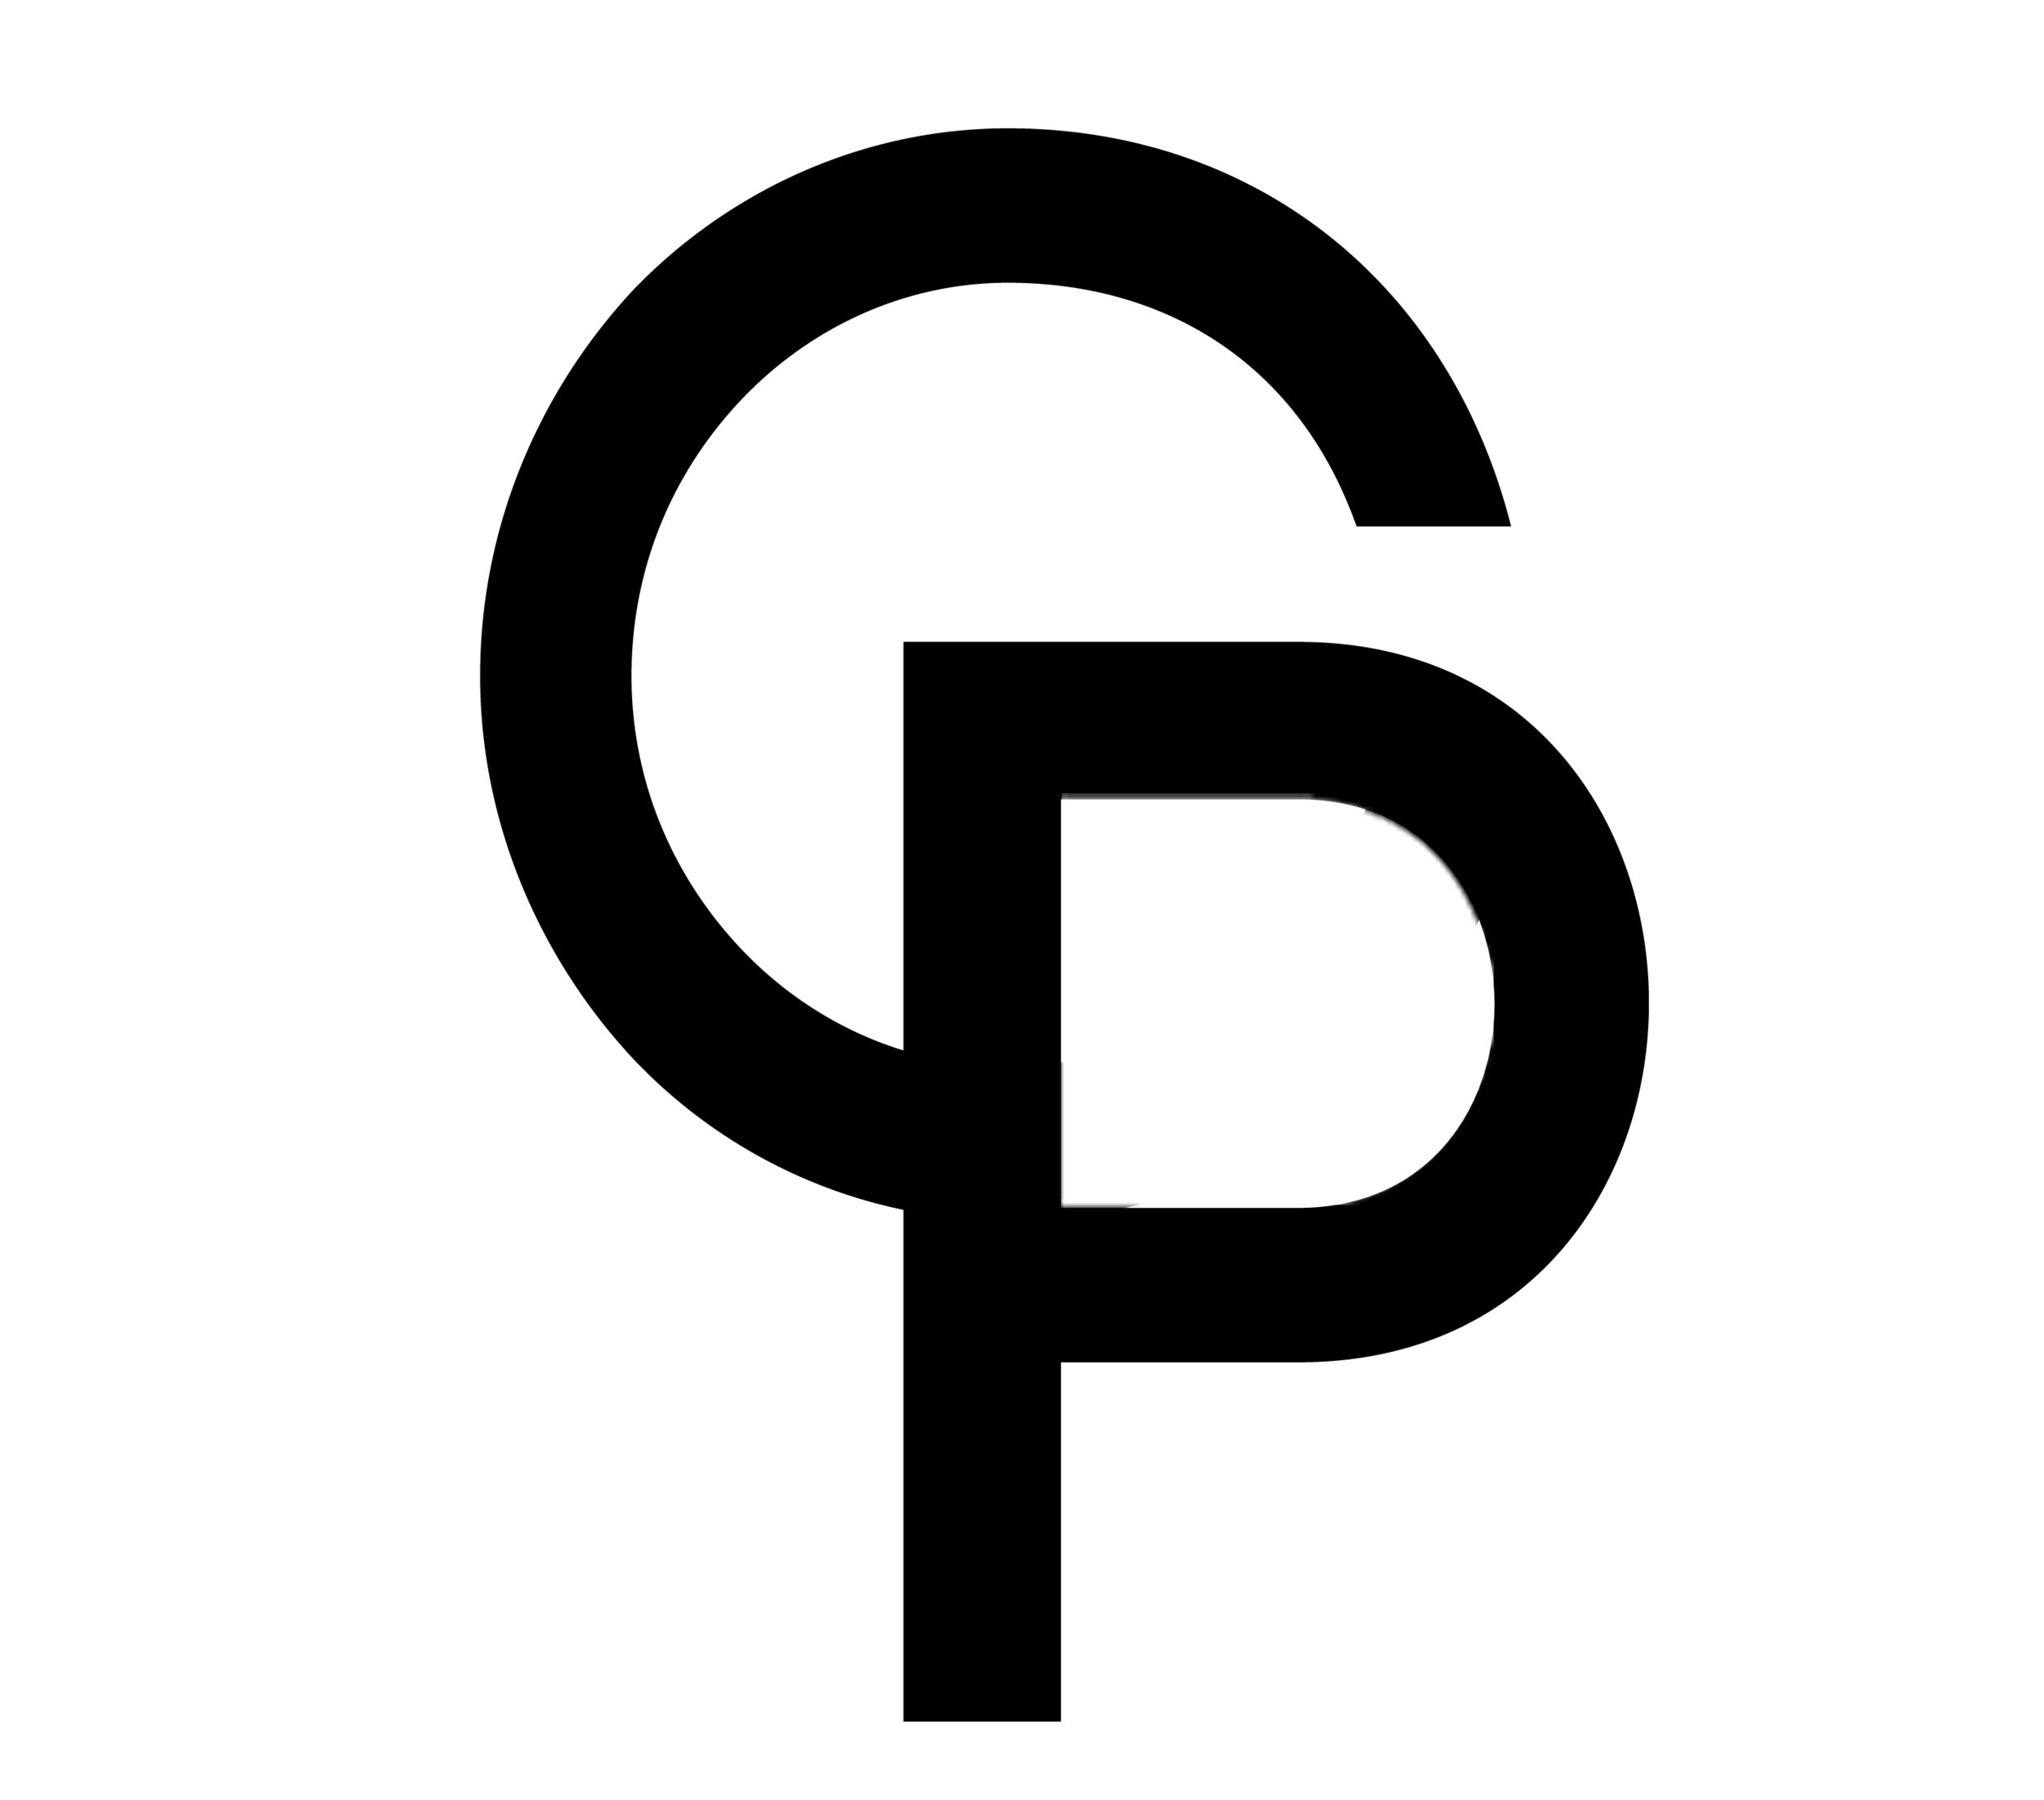 Emblem (2).png